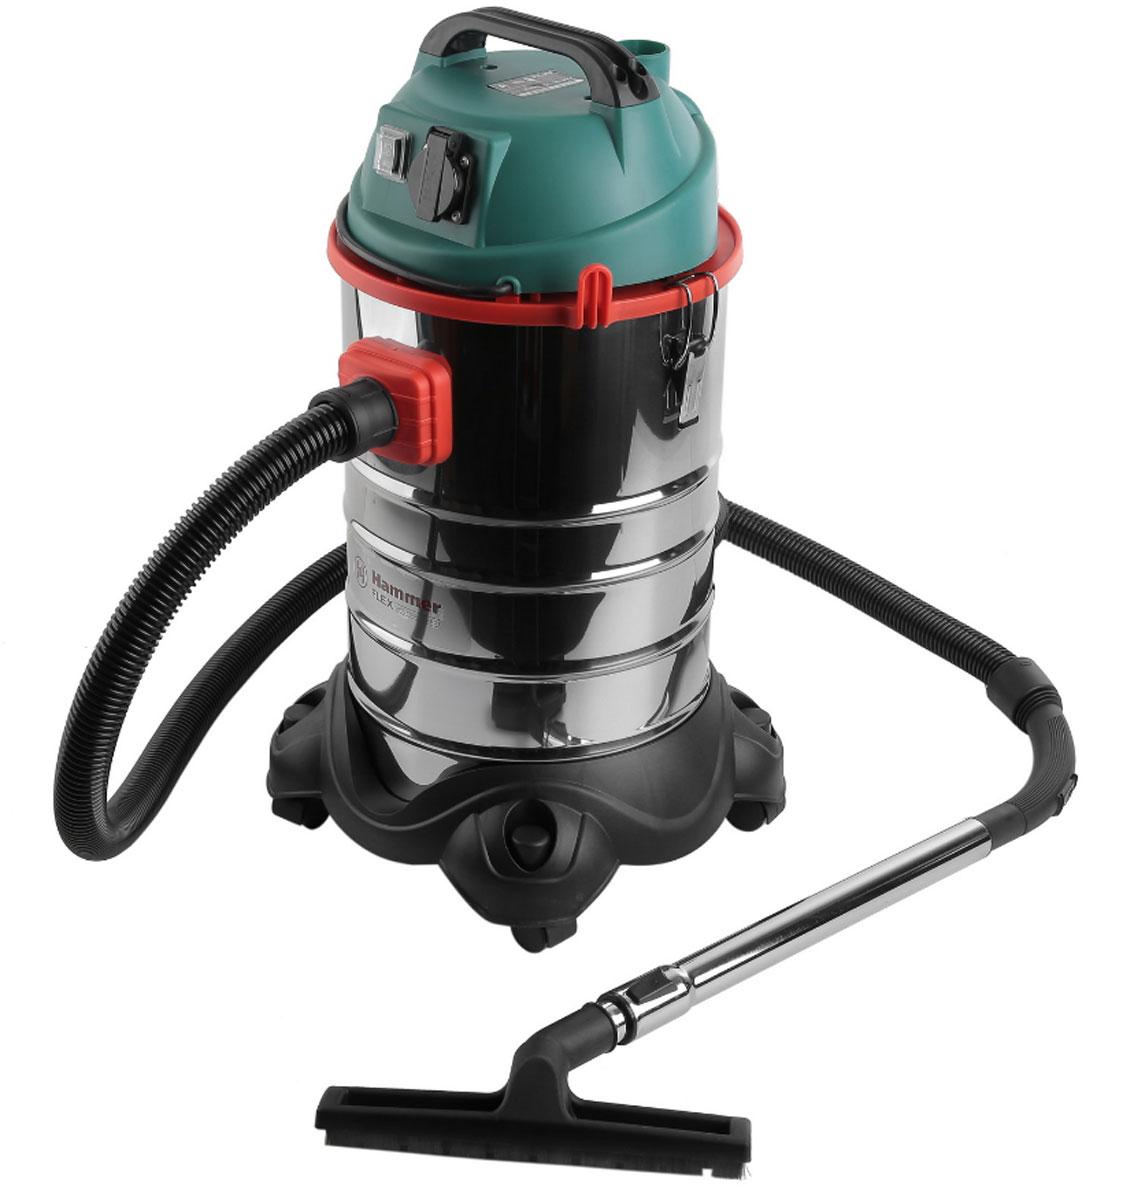 Пылесос Hammer Flex PIL30A для сух/вл уборки 1400Вт 30л + розетка для электроинструмента ( 196423 )